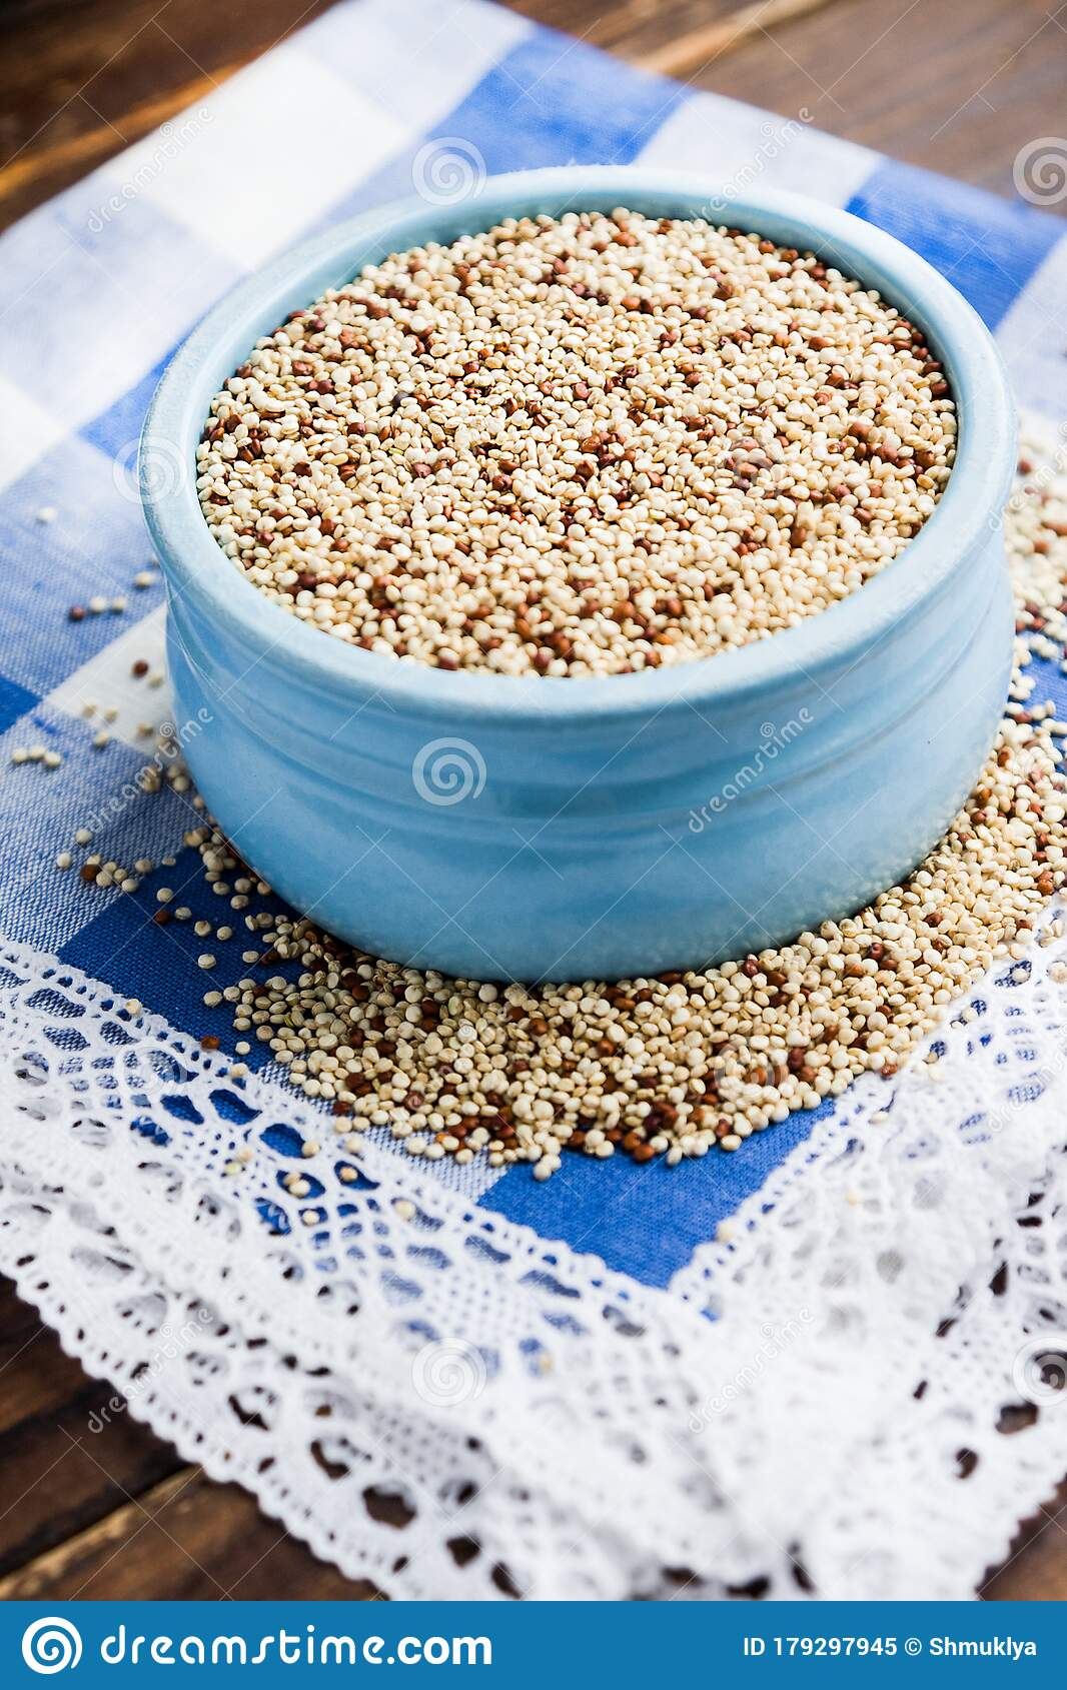 Organic Quinoa Grains In Blue Ceramic Bowl. Concept ...